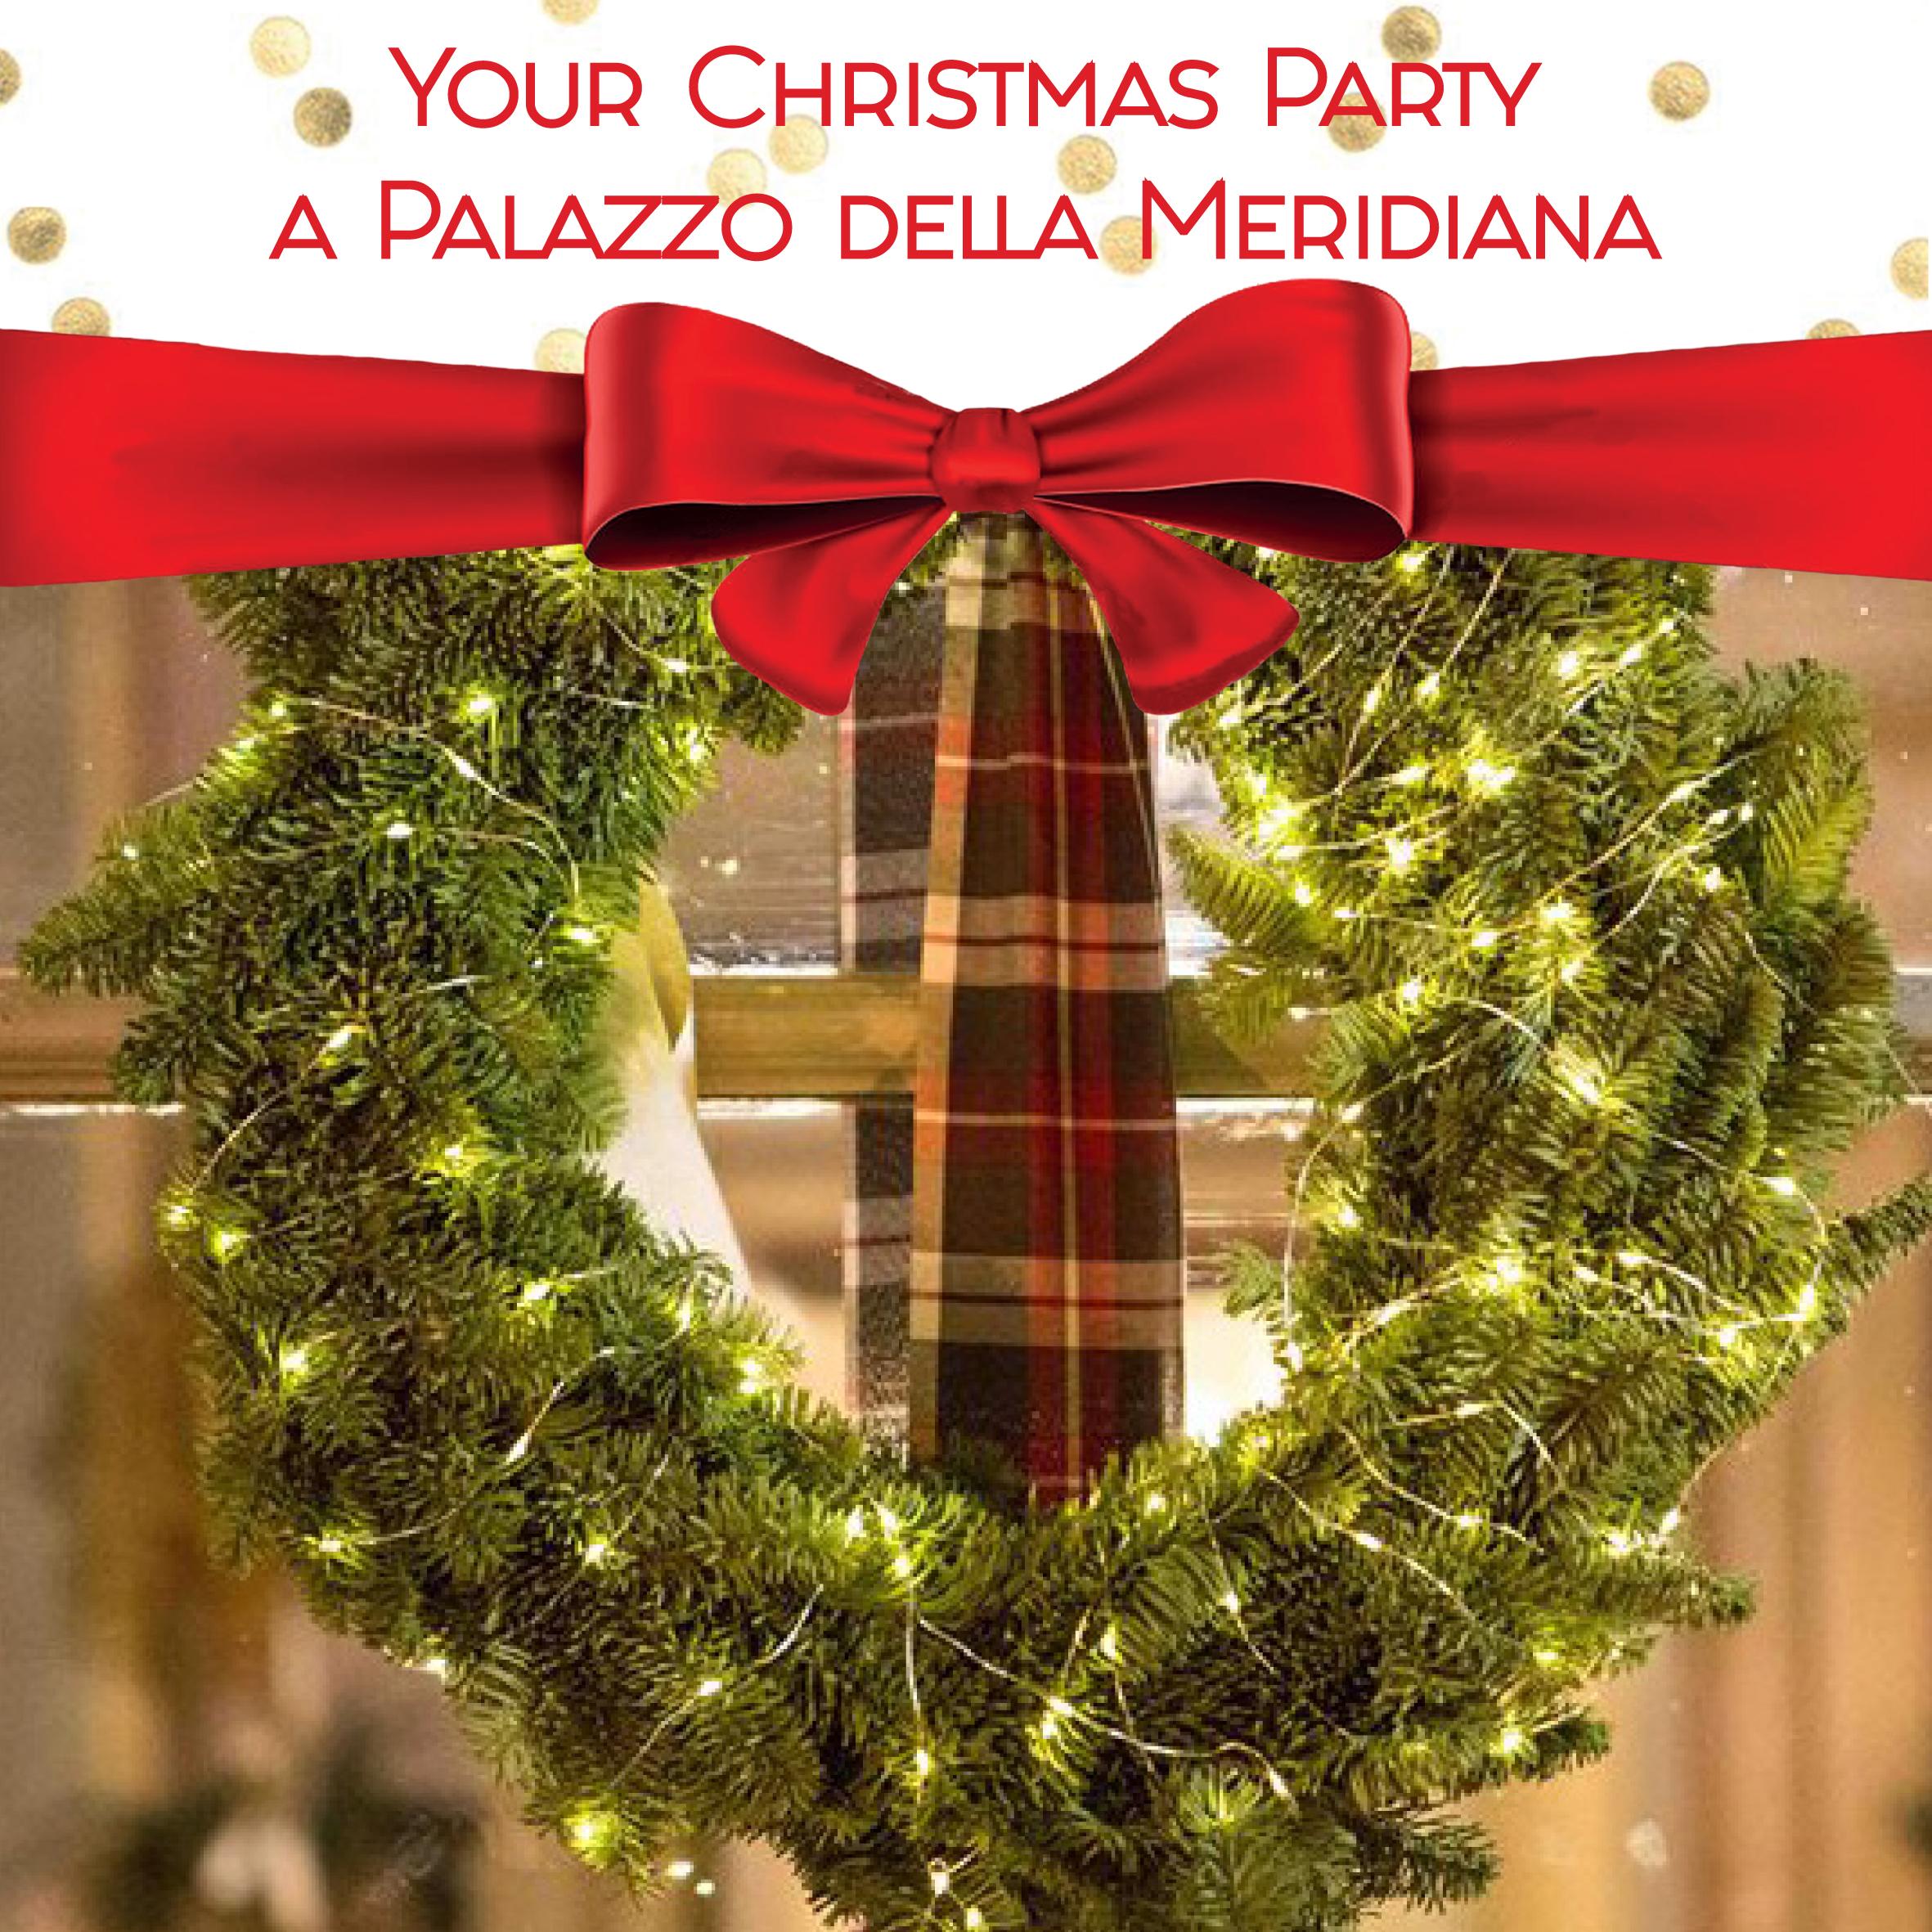 Promozione Your Christmas Party a Palazzo della Meridiana_Copertina